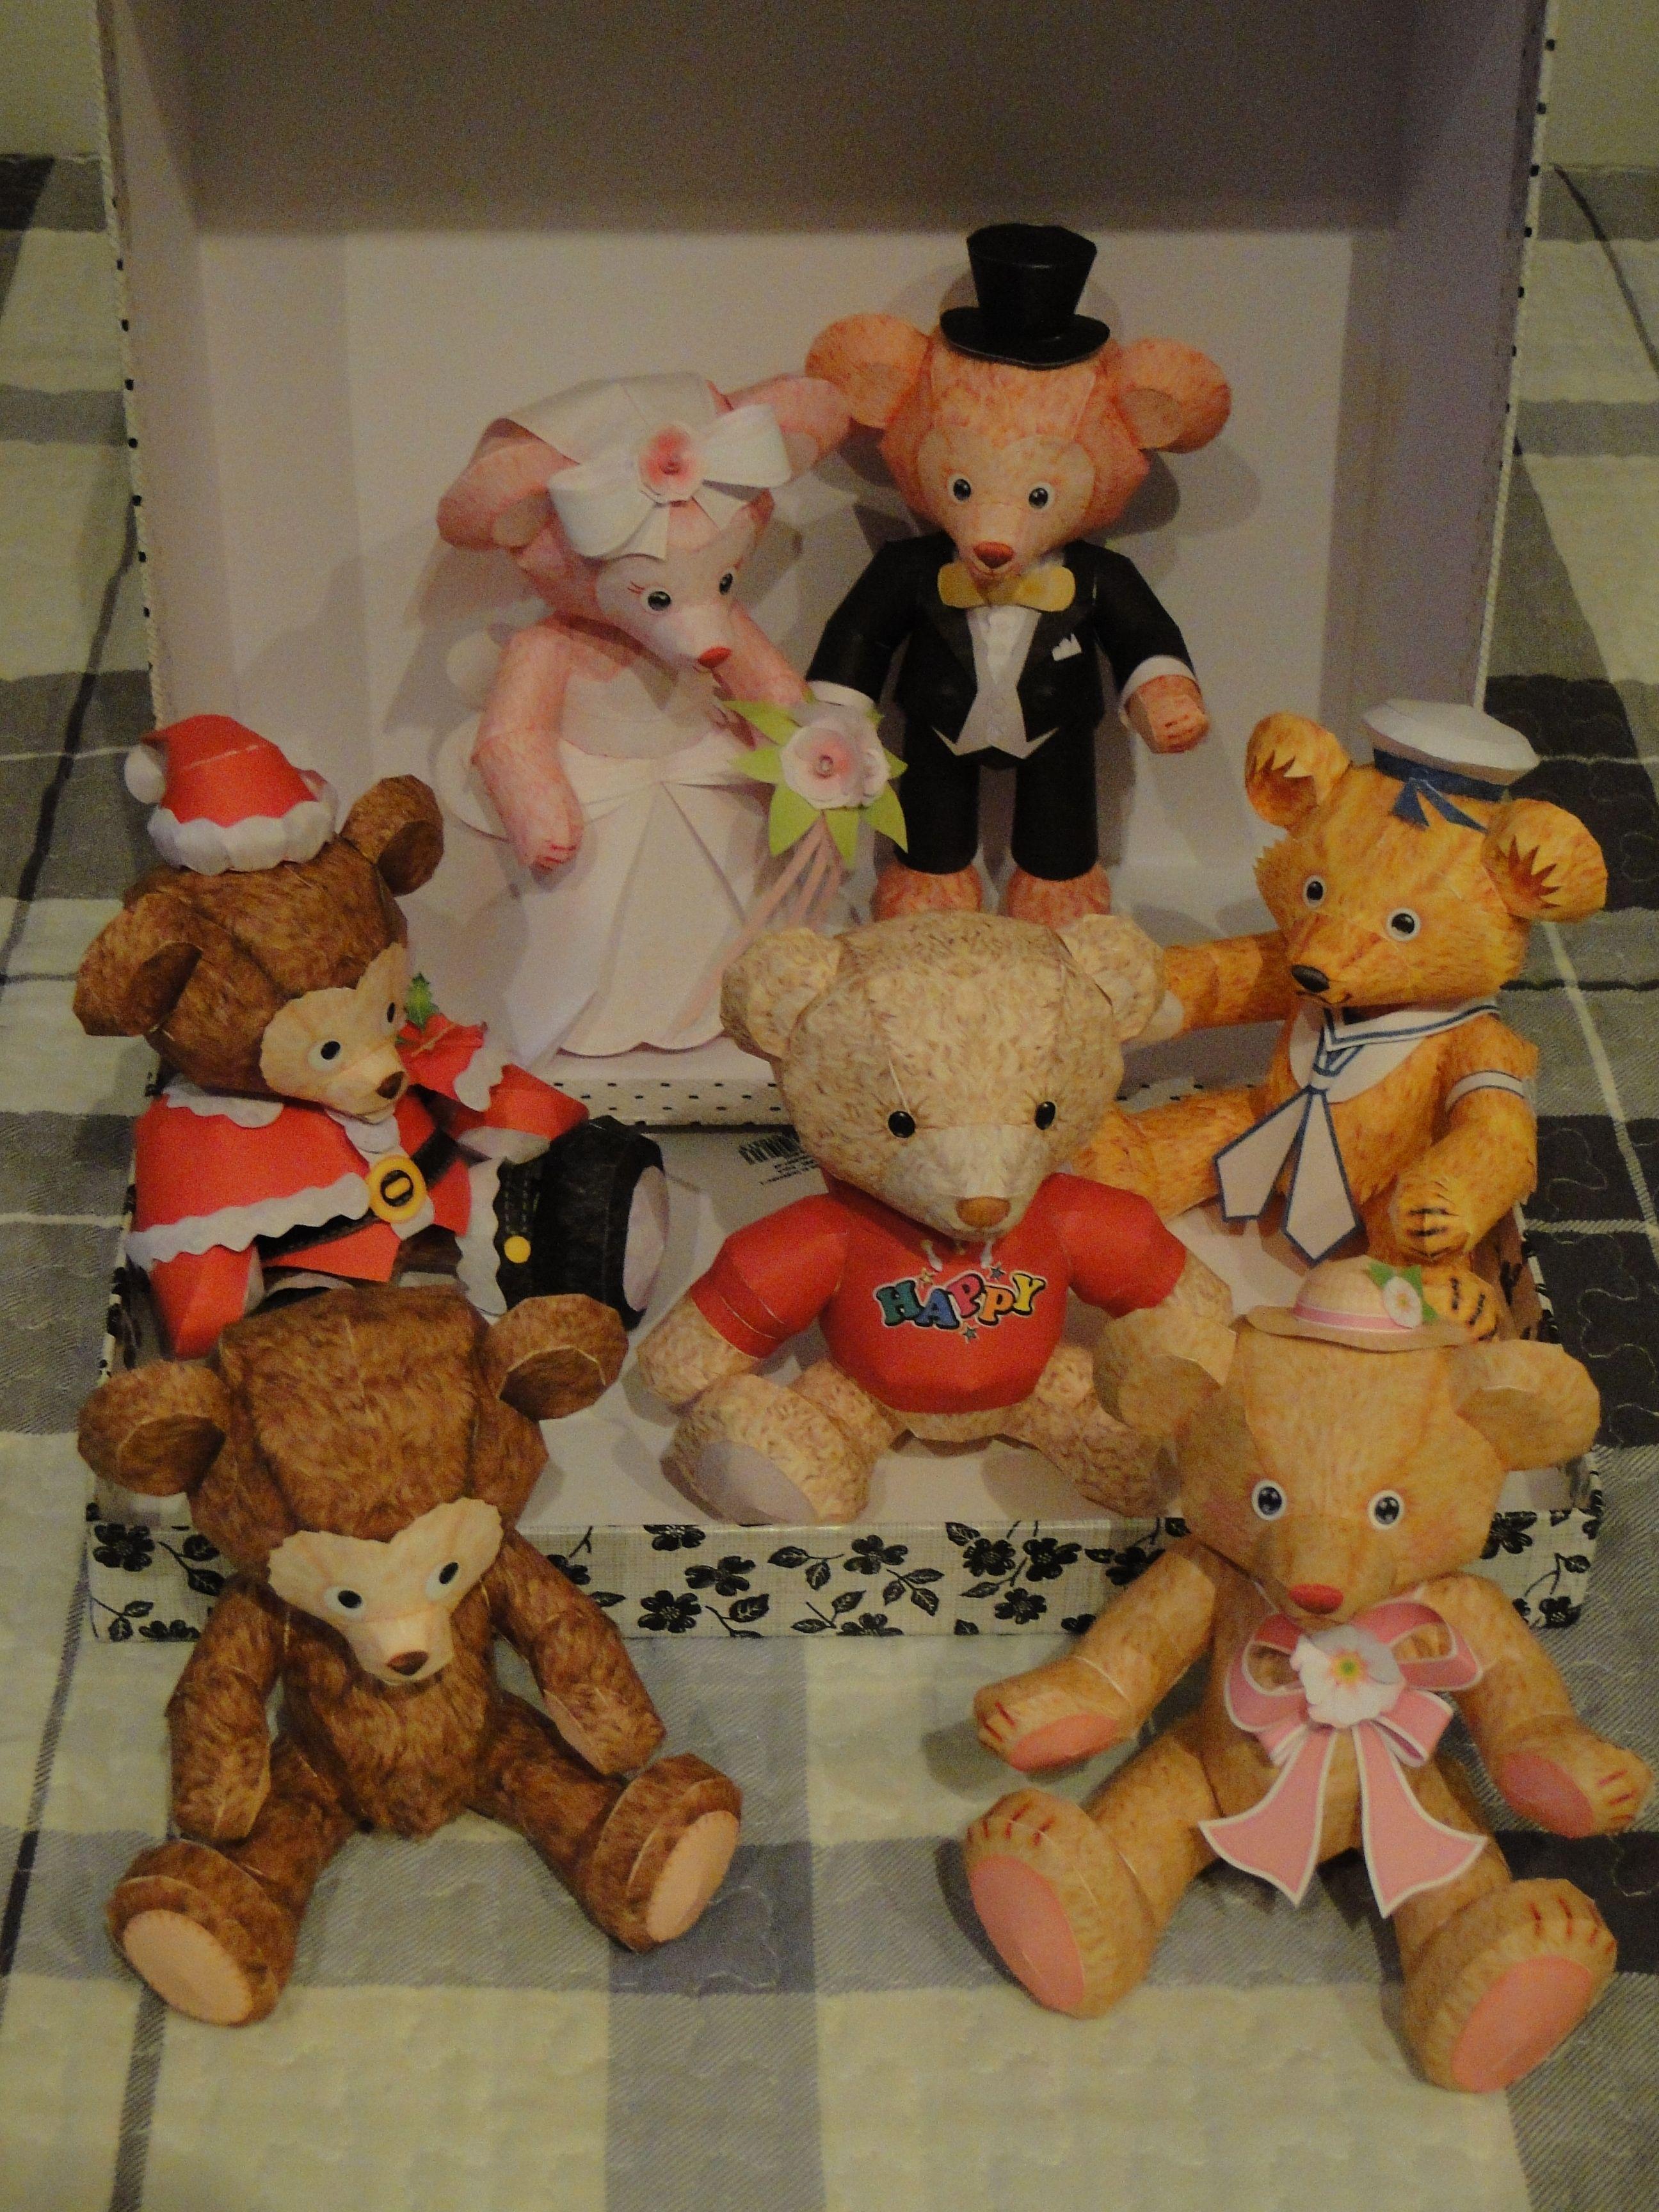 Teddy bear collection Teddy bear collection, Teddy bear